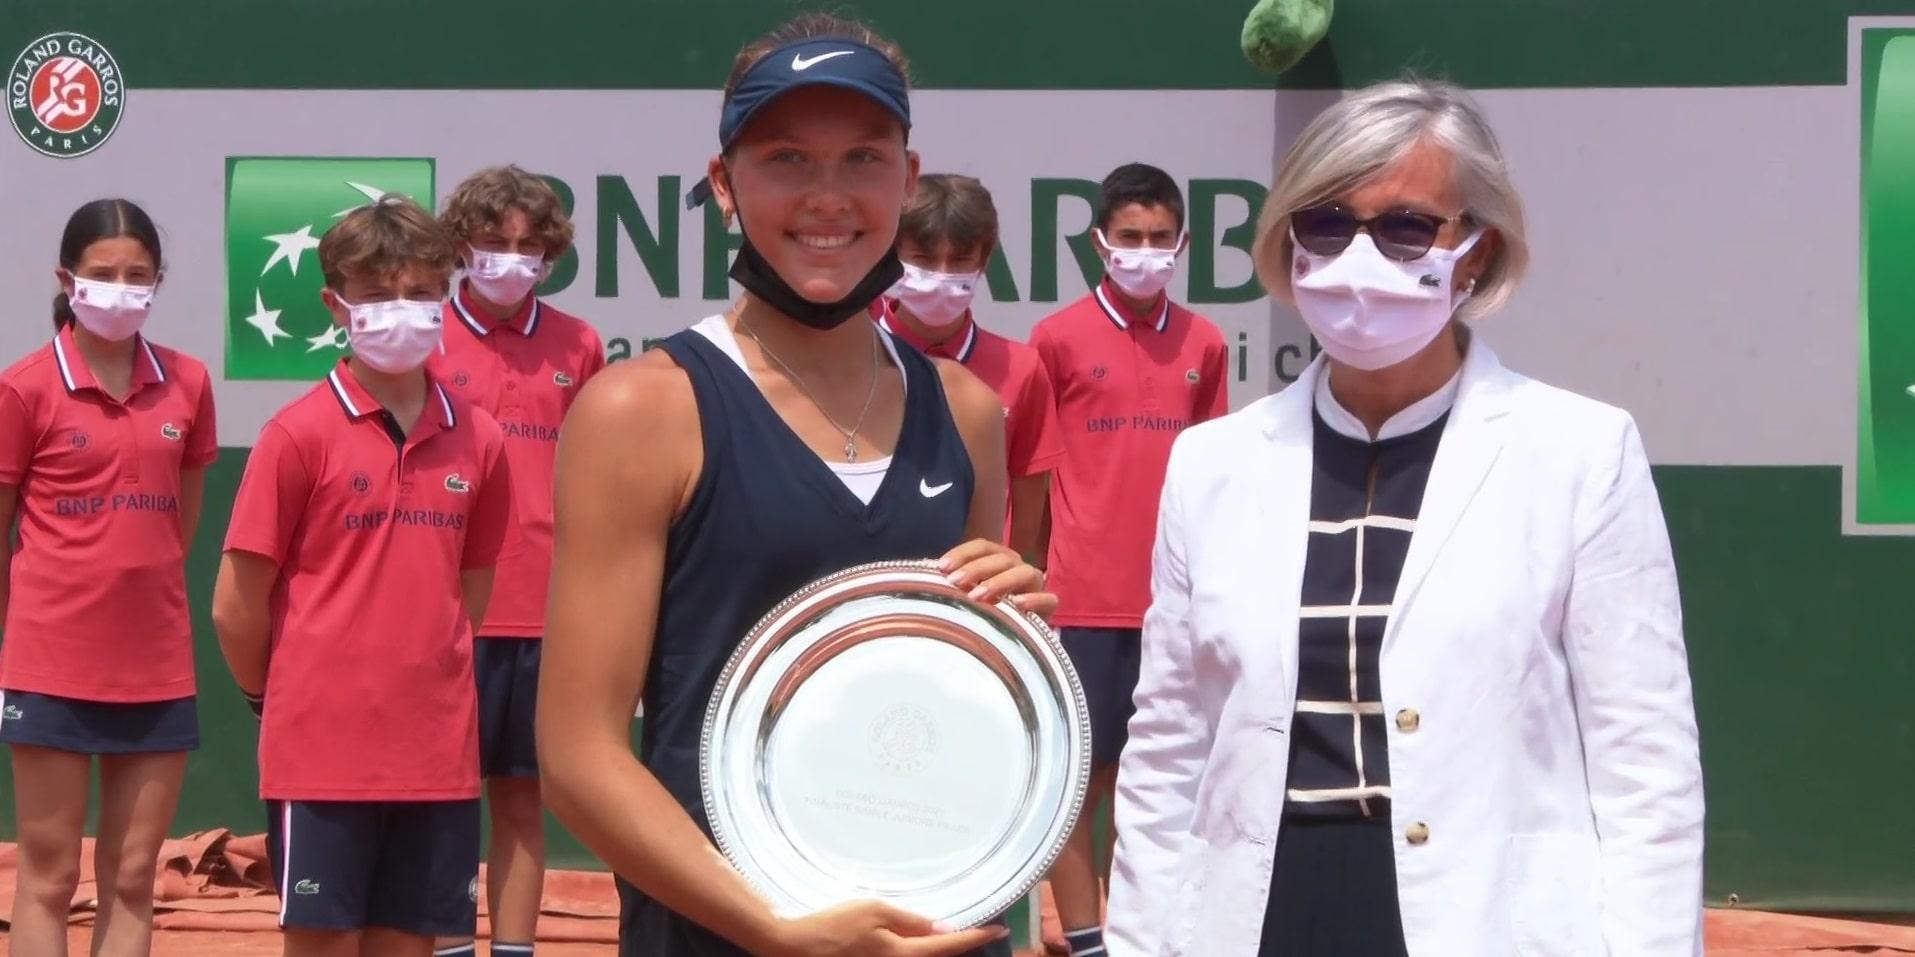 Россиянка Селехметьева выиграла юниорский «Ролан Гаррос» в паре, Андреева в одиночке проиграла - фото